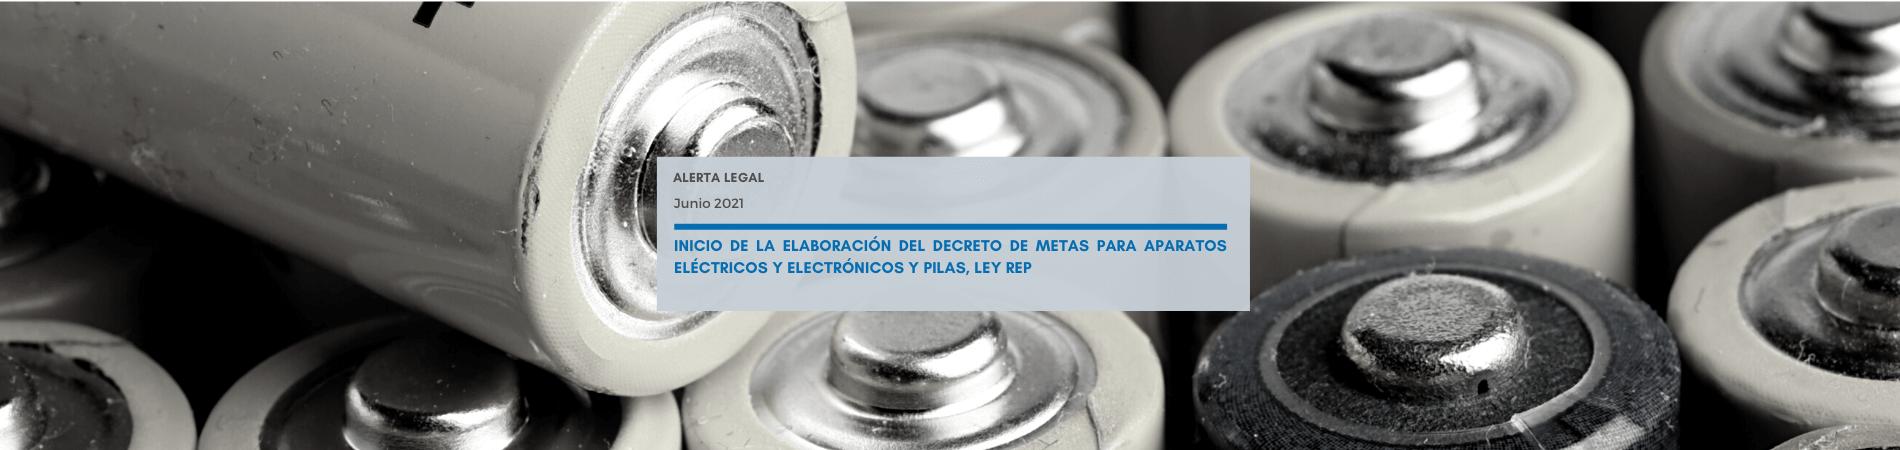 Alerta Legal | Inicio de la elaboración del decreto de metas para aparatos eléctricos y electrónicos, Ley REP